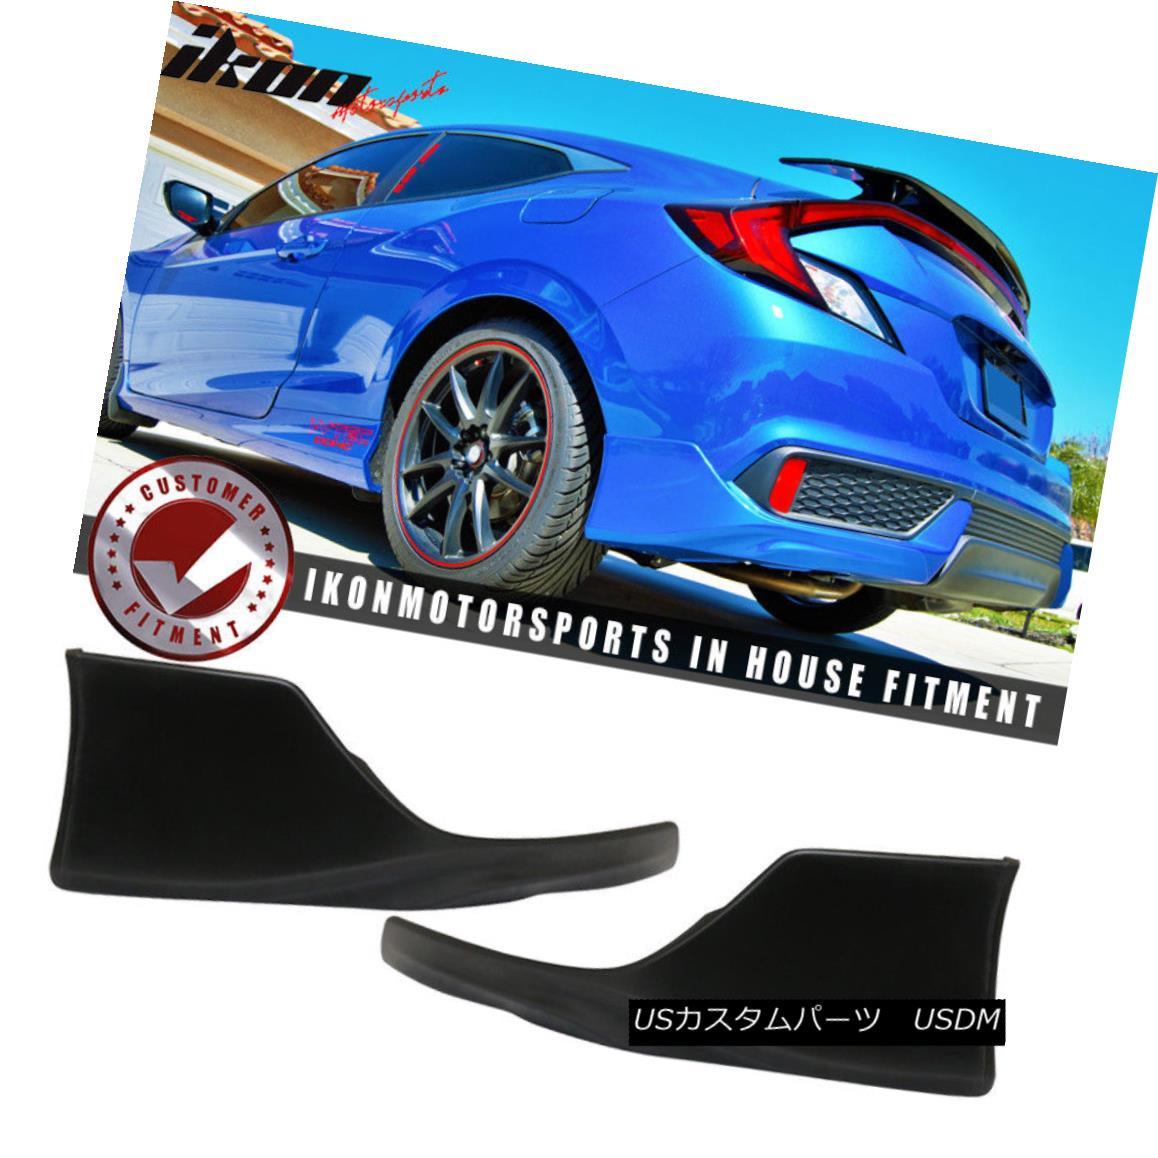 エアロパーツ Fits 16-18 Honda Civic Coupe 2Dr HFP Style Rear Bumper Lip - Poly Urethane PU フィット16-18ホンダシビッククーペ2Dr HFPスタイルリアバンパーリップ - ポリウレタンPU